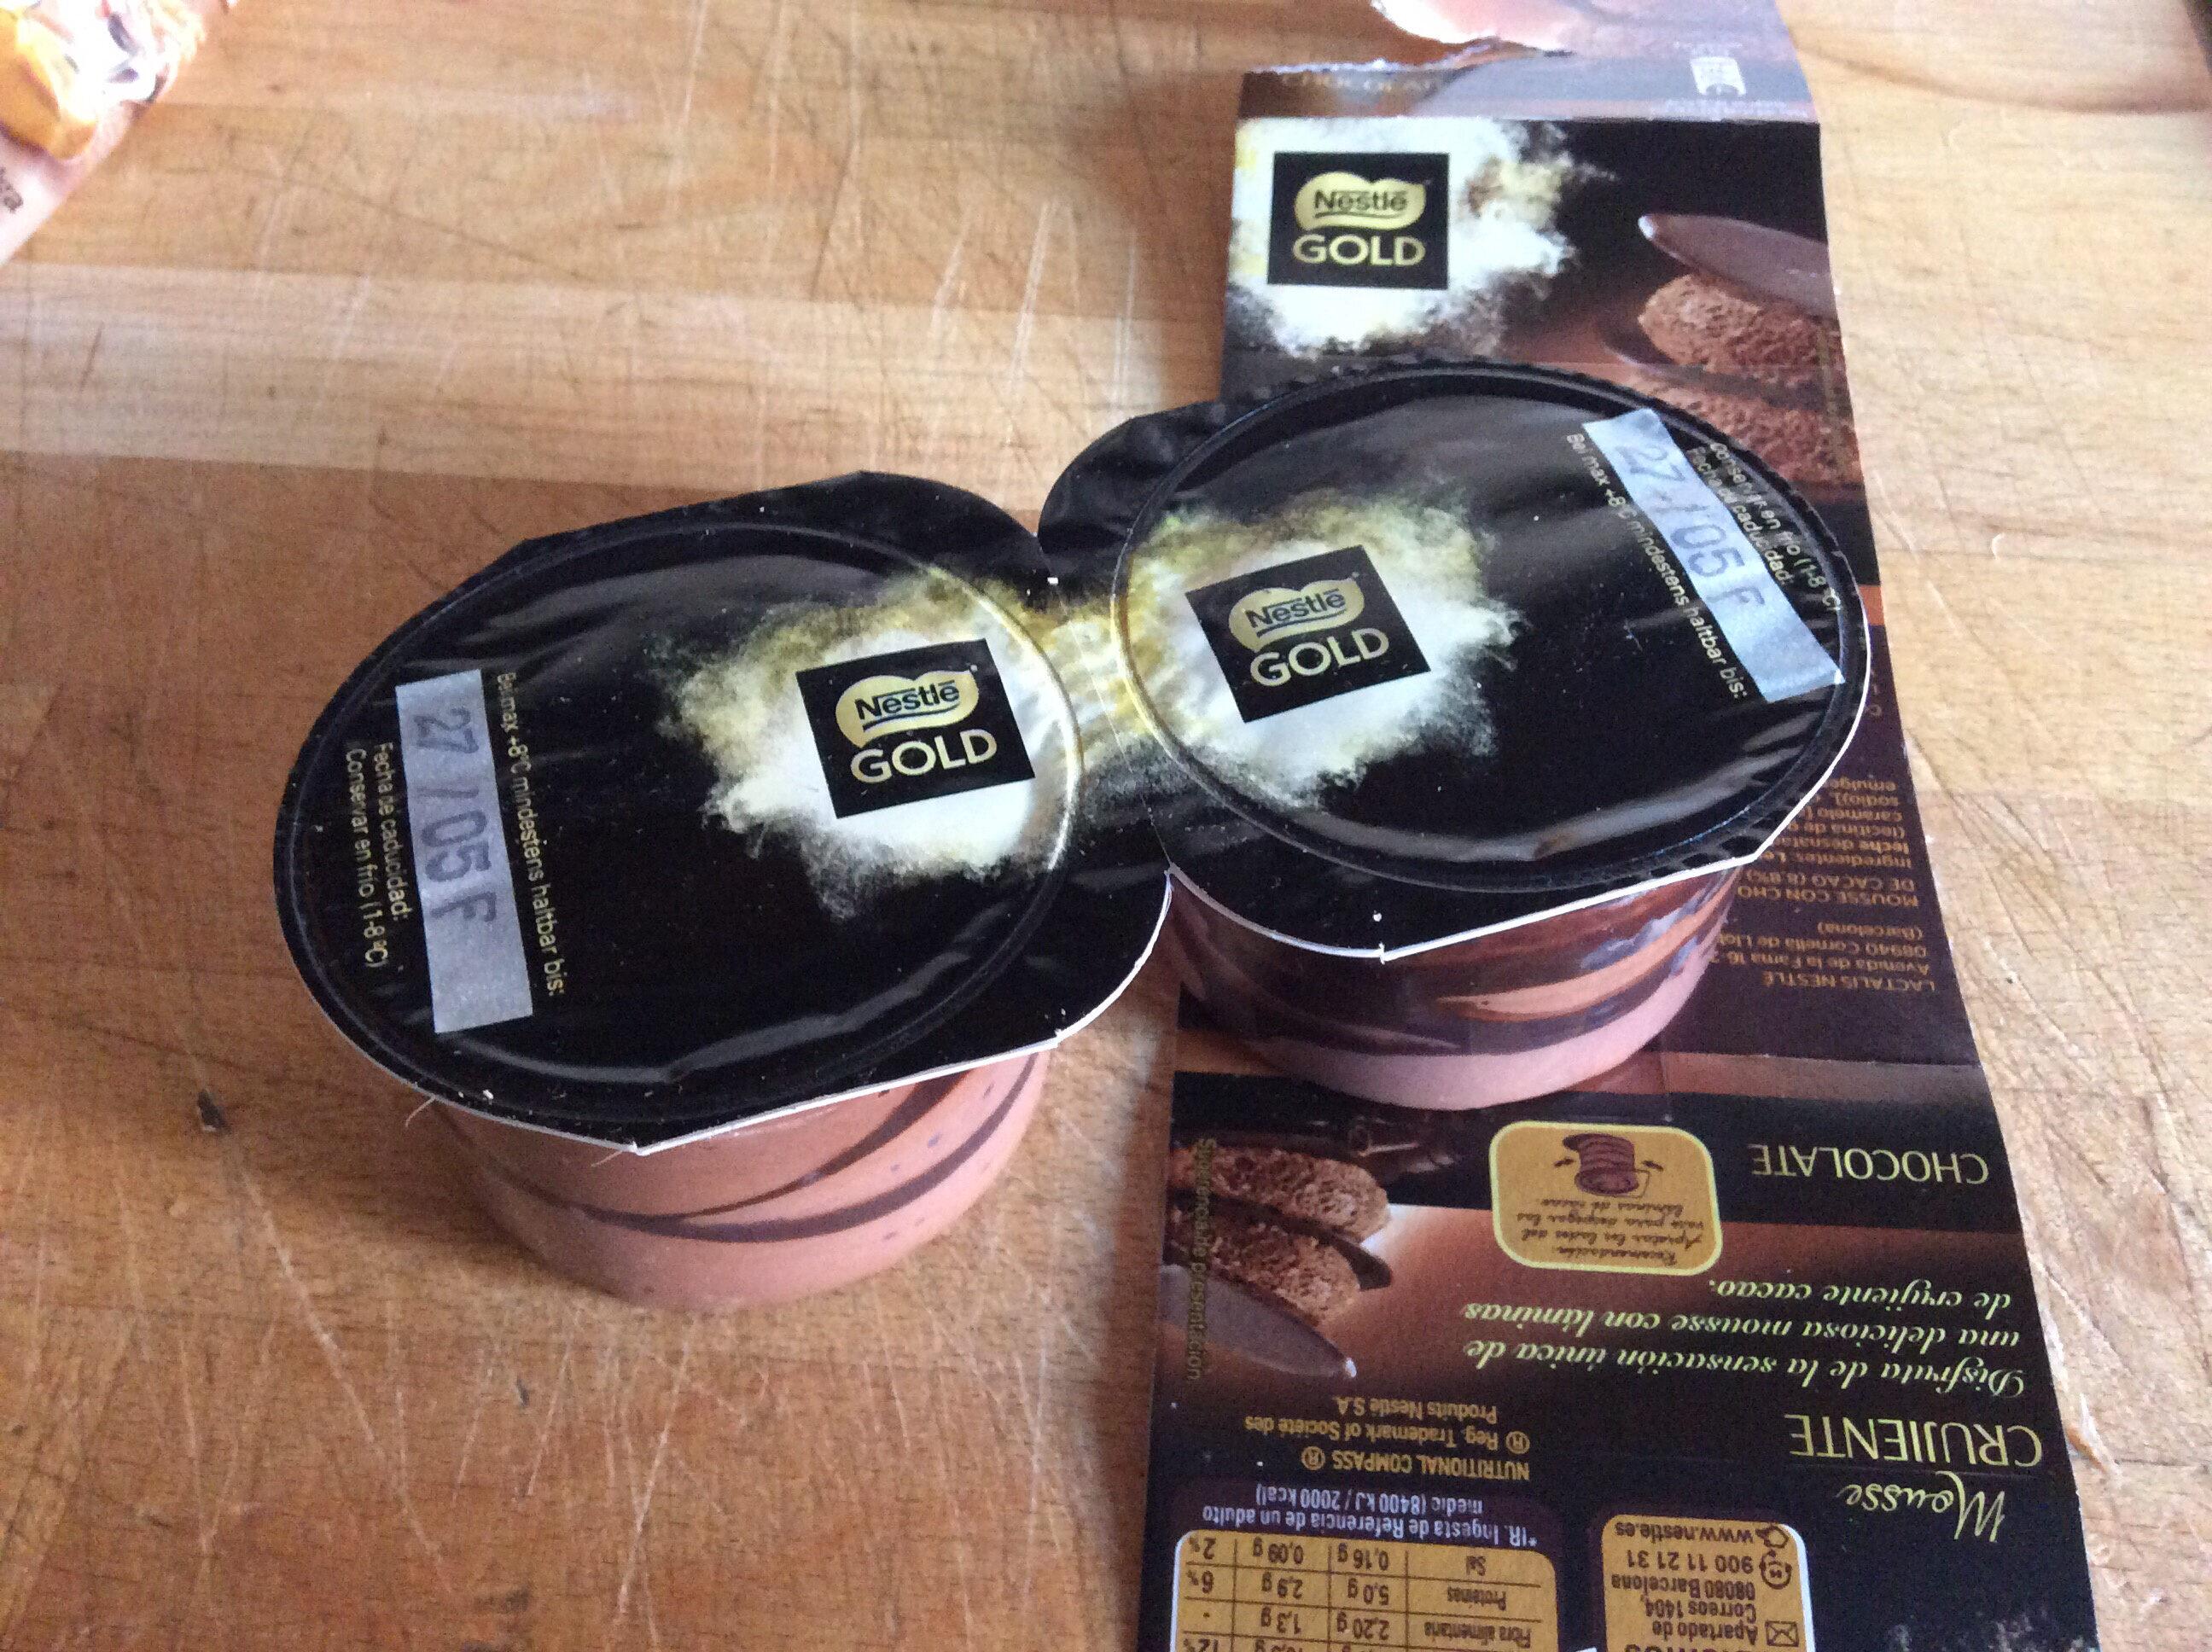 Mousse de chocolate con finas y crujientes láminas de cacao - Producte - es